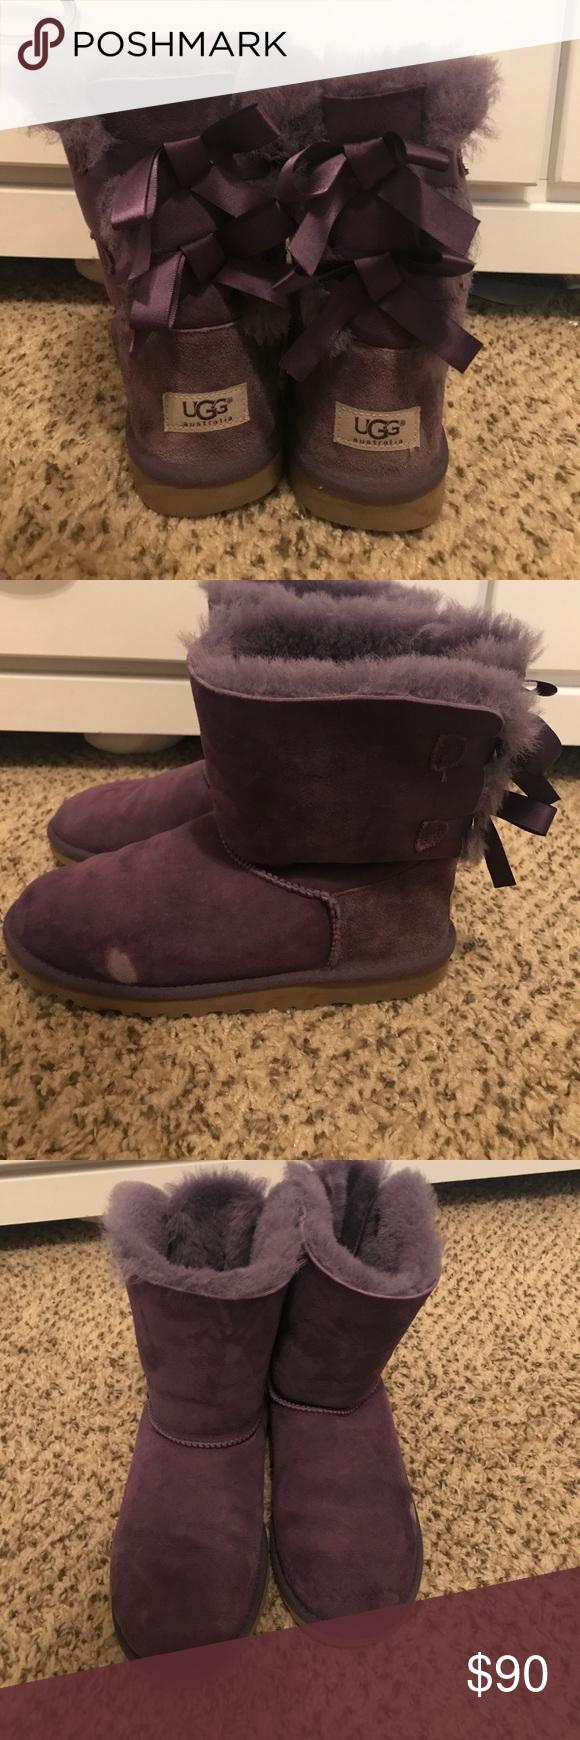 Bottes UGG Bailey Bow pluie UGG Bottes Bailey UGG Shoes Shoes et Bottes d hiver et de pluie c9b7d37 - deltaportal.info